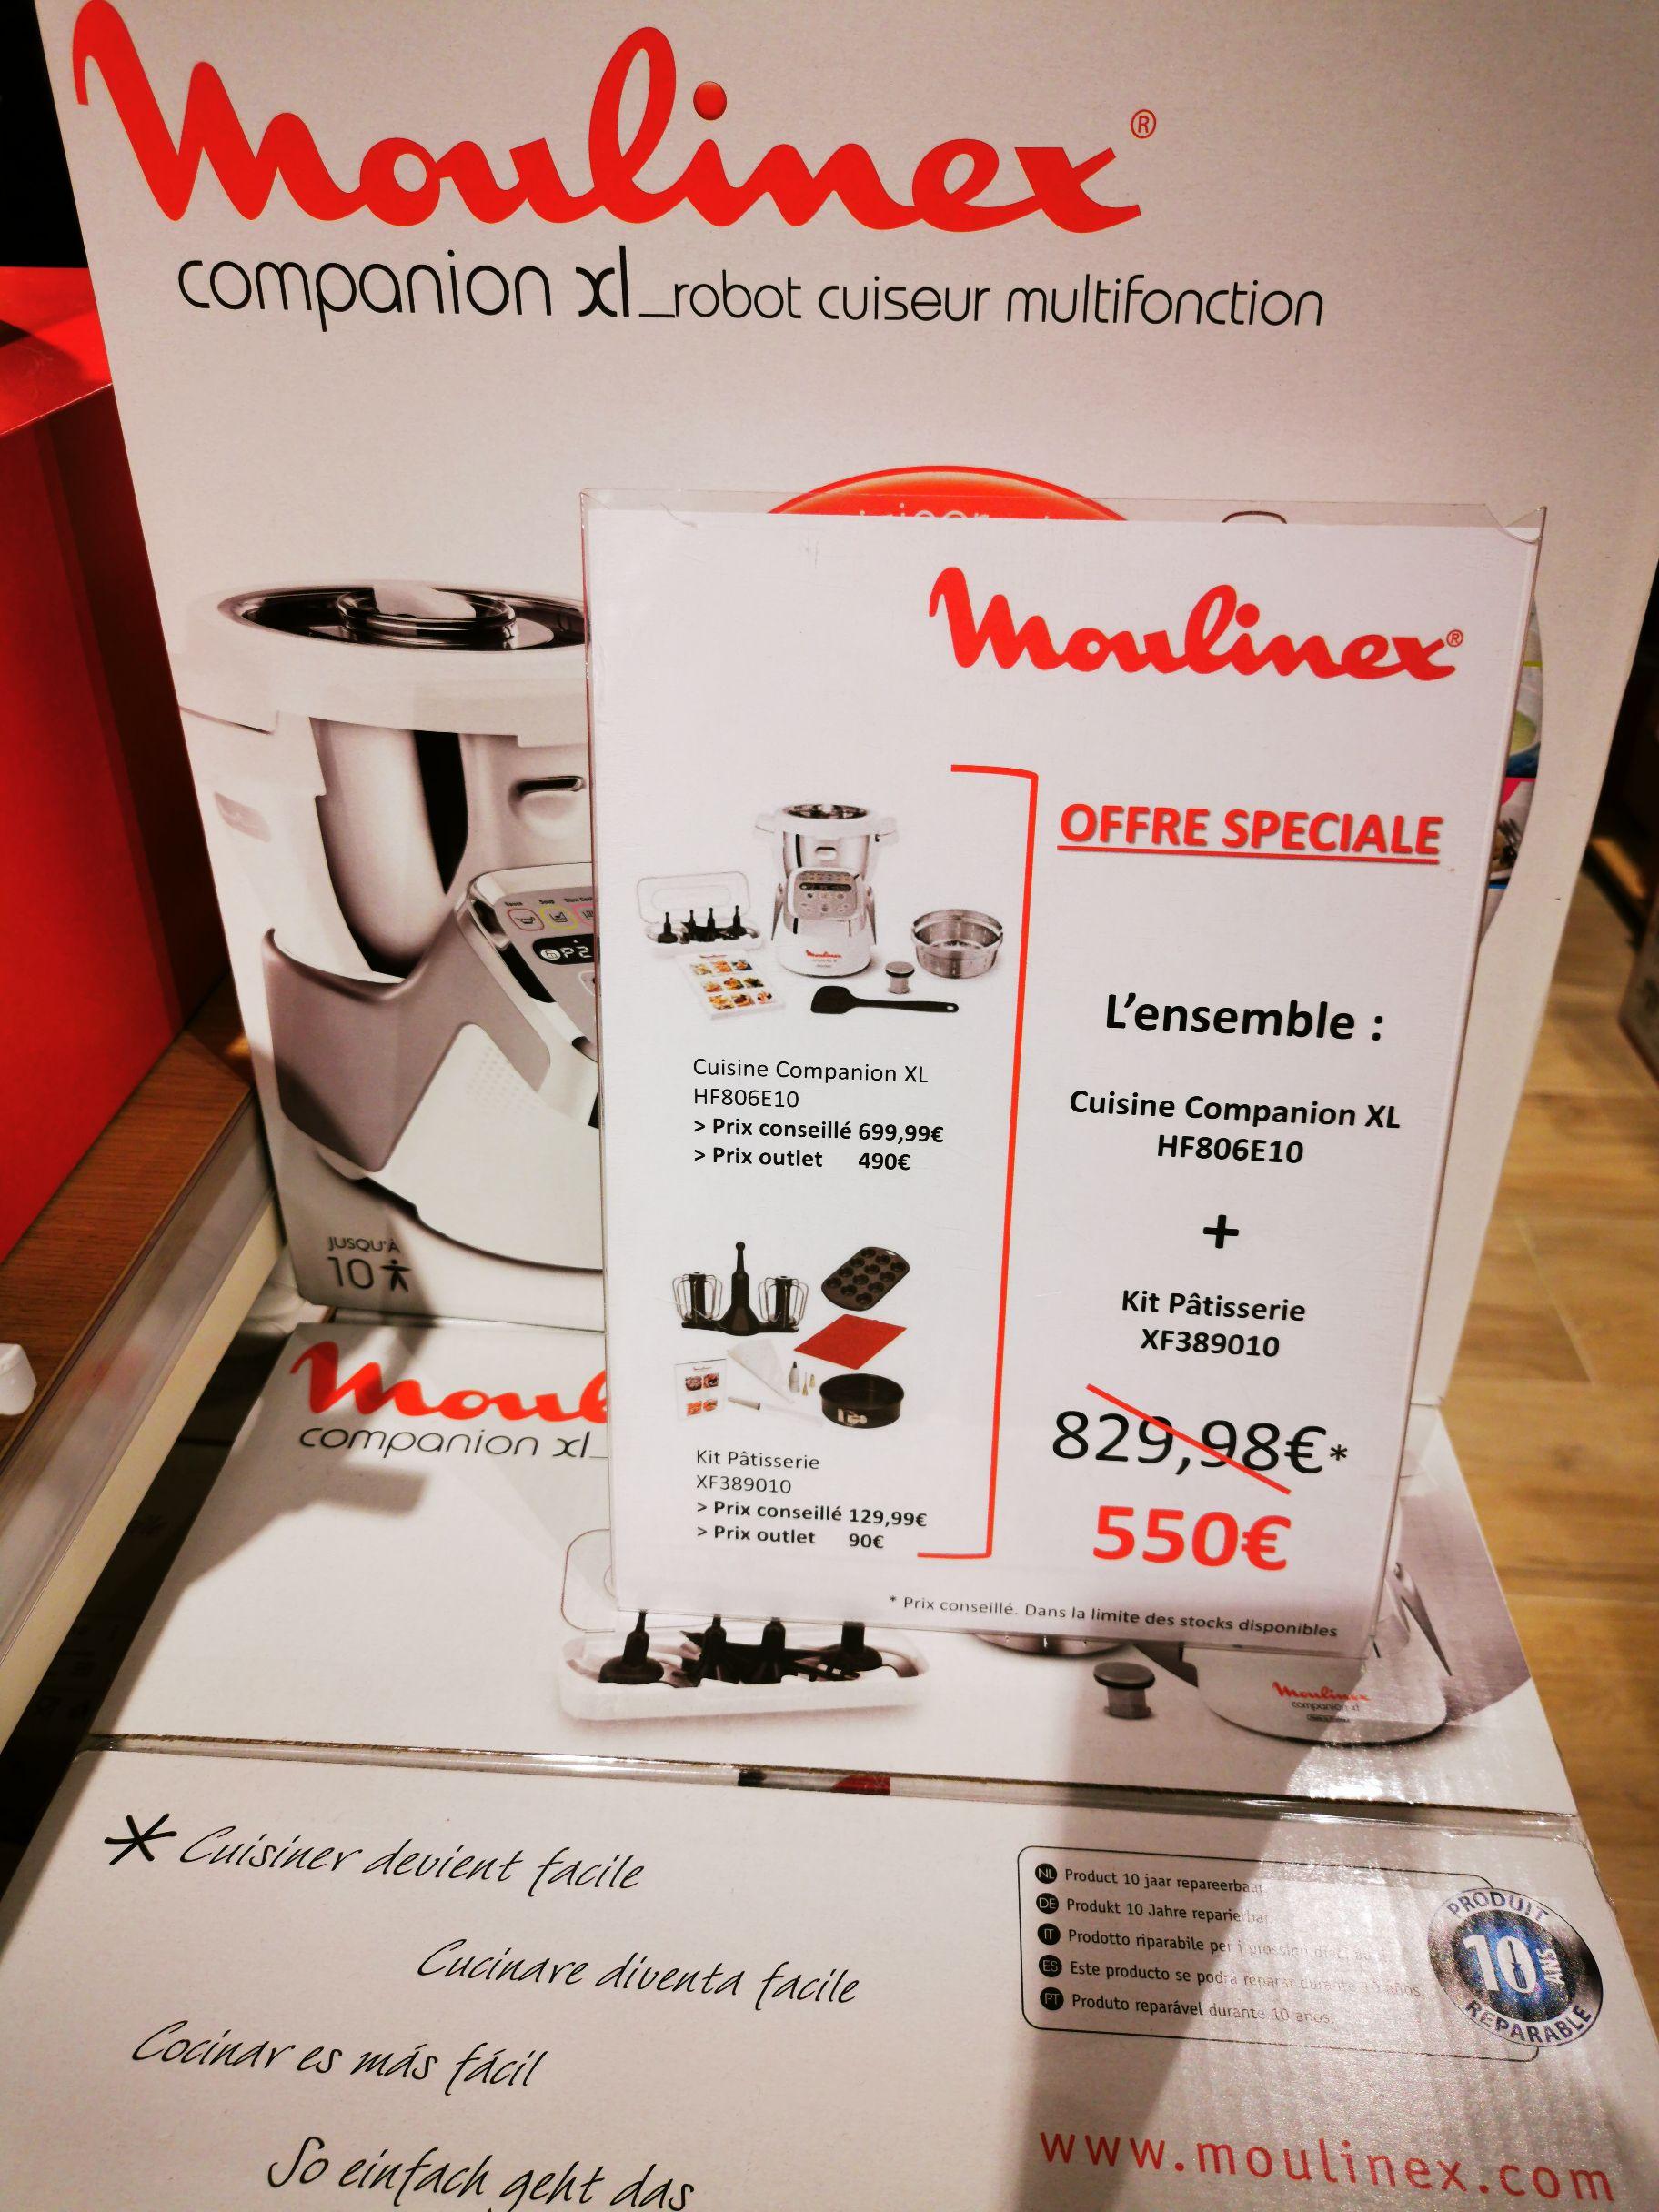 Robot cuiseur Moulinex Companion XL (HF806E10) + Kit pâtisserie (XF389010) - Home & Cook Les Clayes-sous-Bois (78)